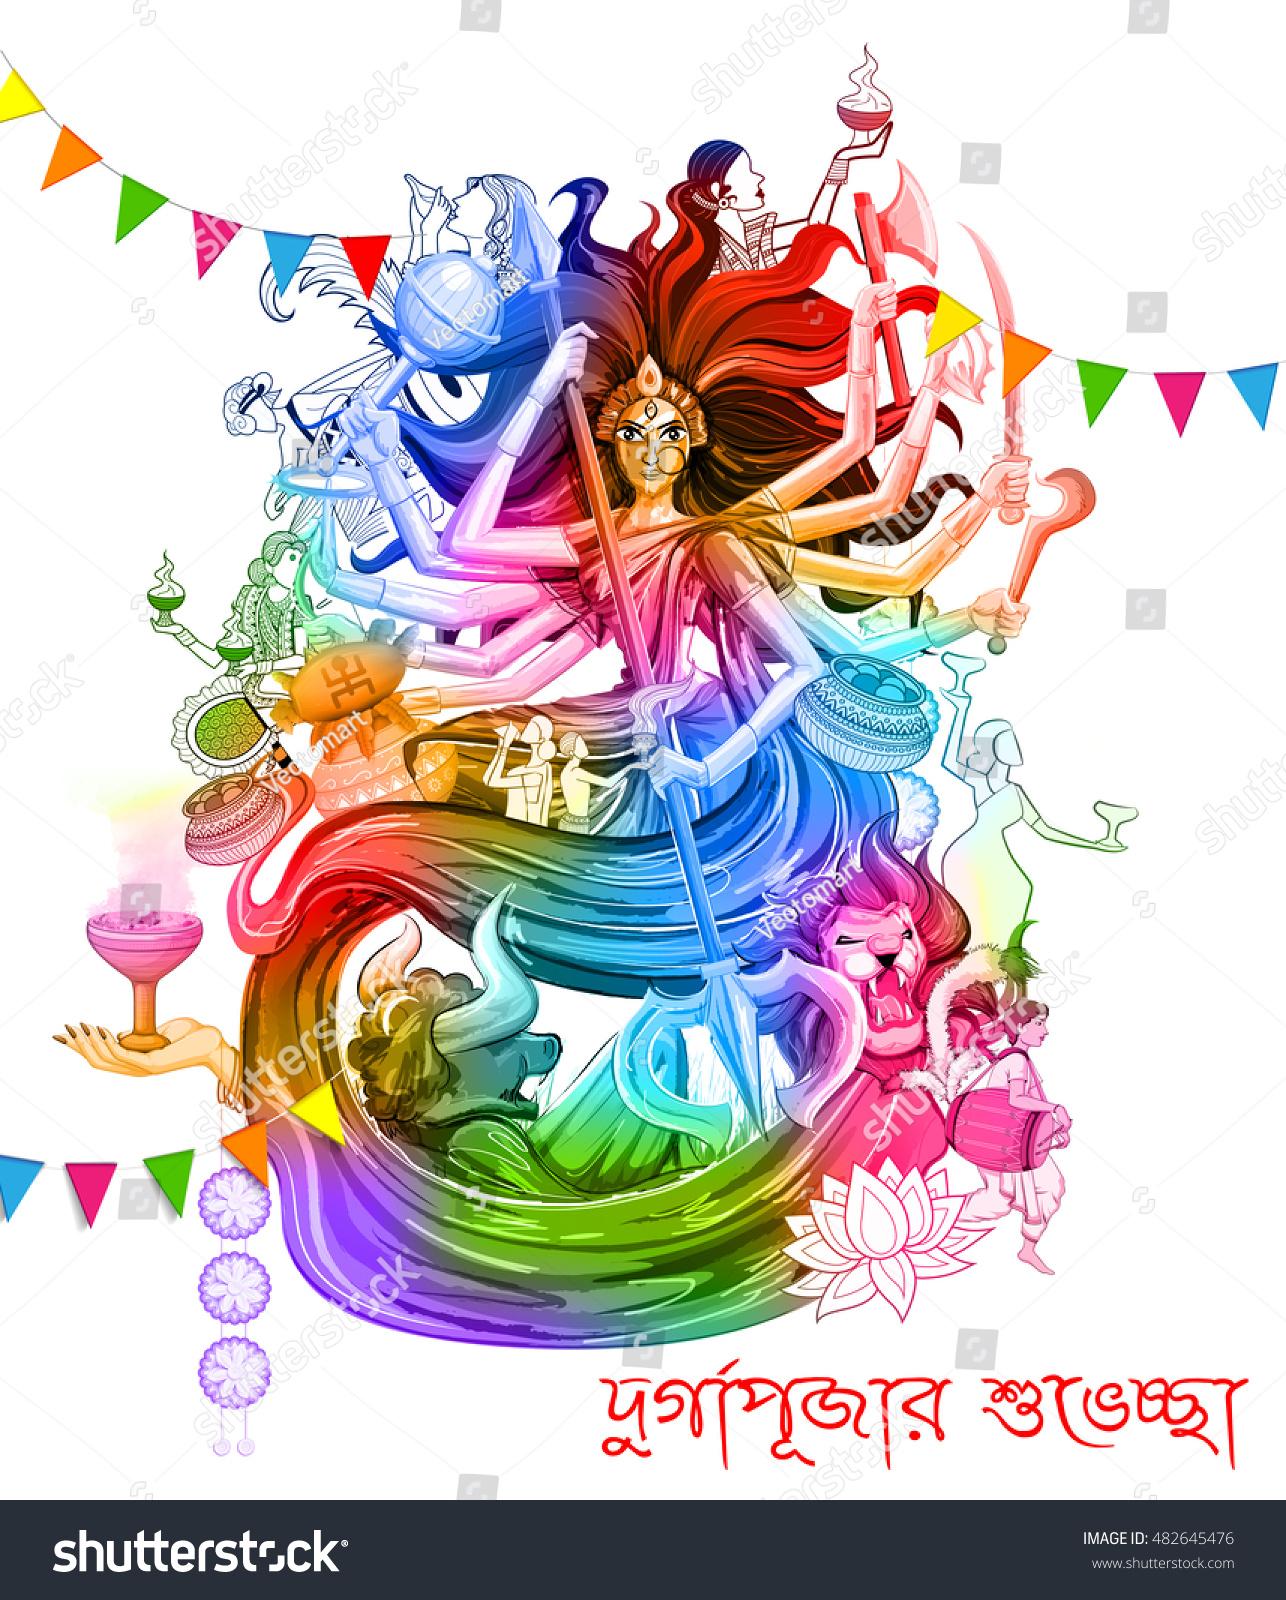 Illustration goddess durga subho bijoya happy stock vector royalty illustration of goddess durga in subho bijoya happy dussehra background with bangali text meaning m4hsunfo